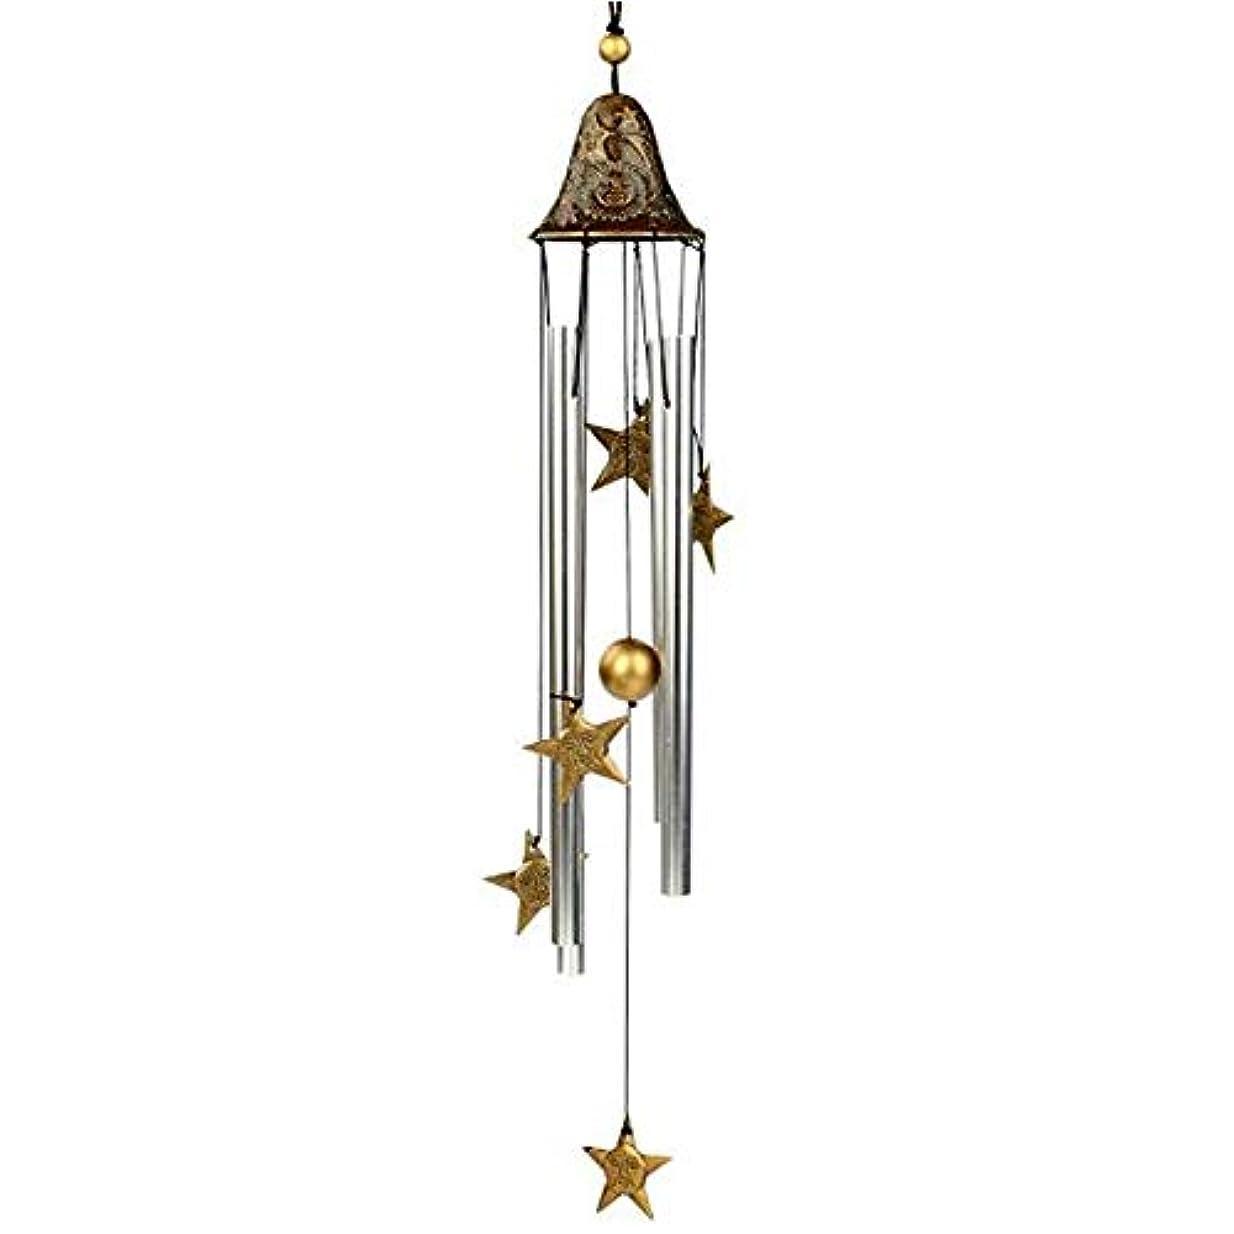 まもなく動力学不毛Yougou01 風チャイム、手作りメタル4チューブ風の鐘、ゴールド、全身について60CM 、創造的な装飾 (Color : A)